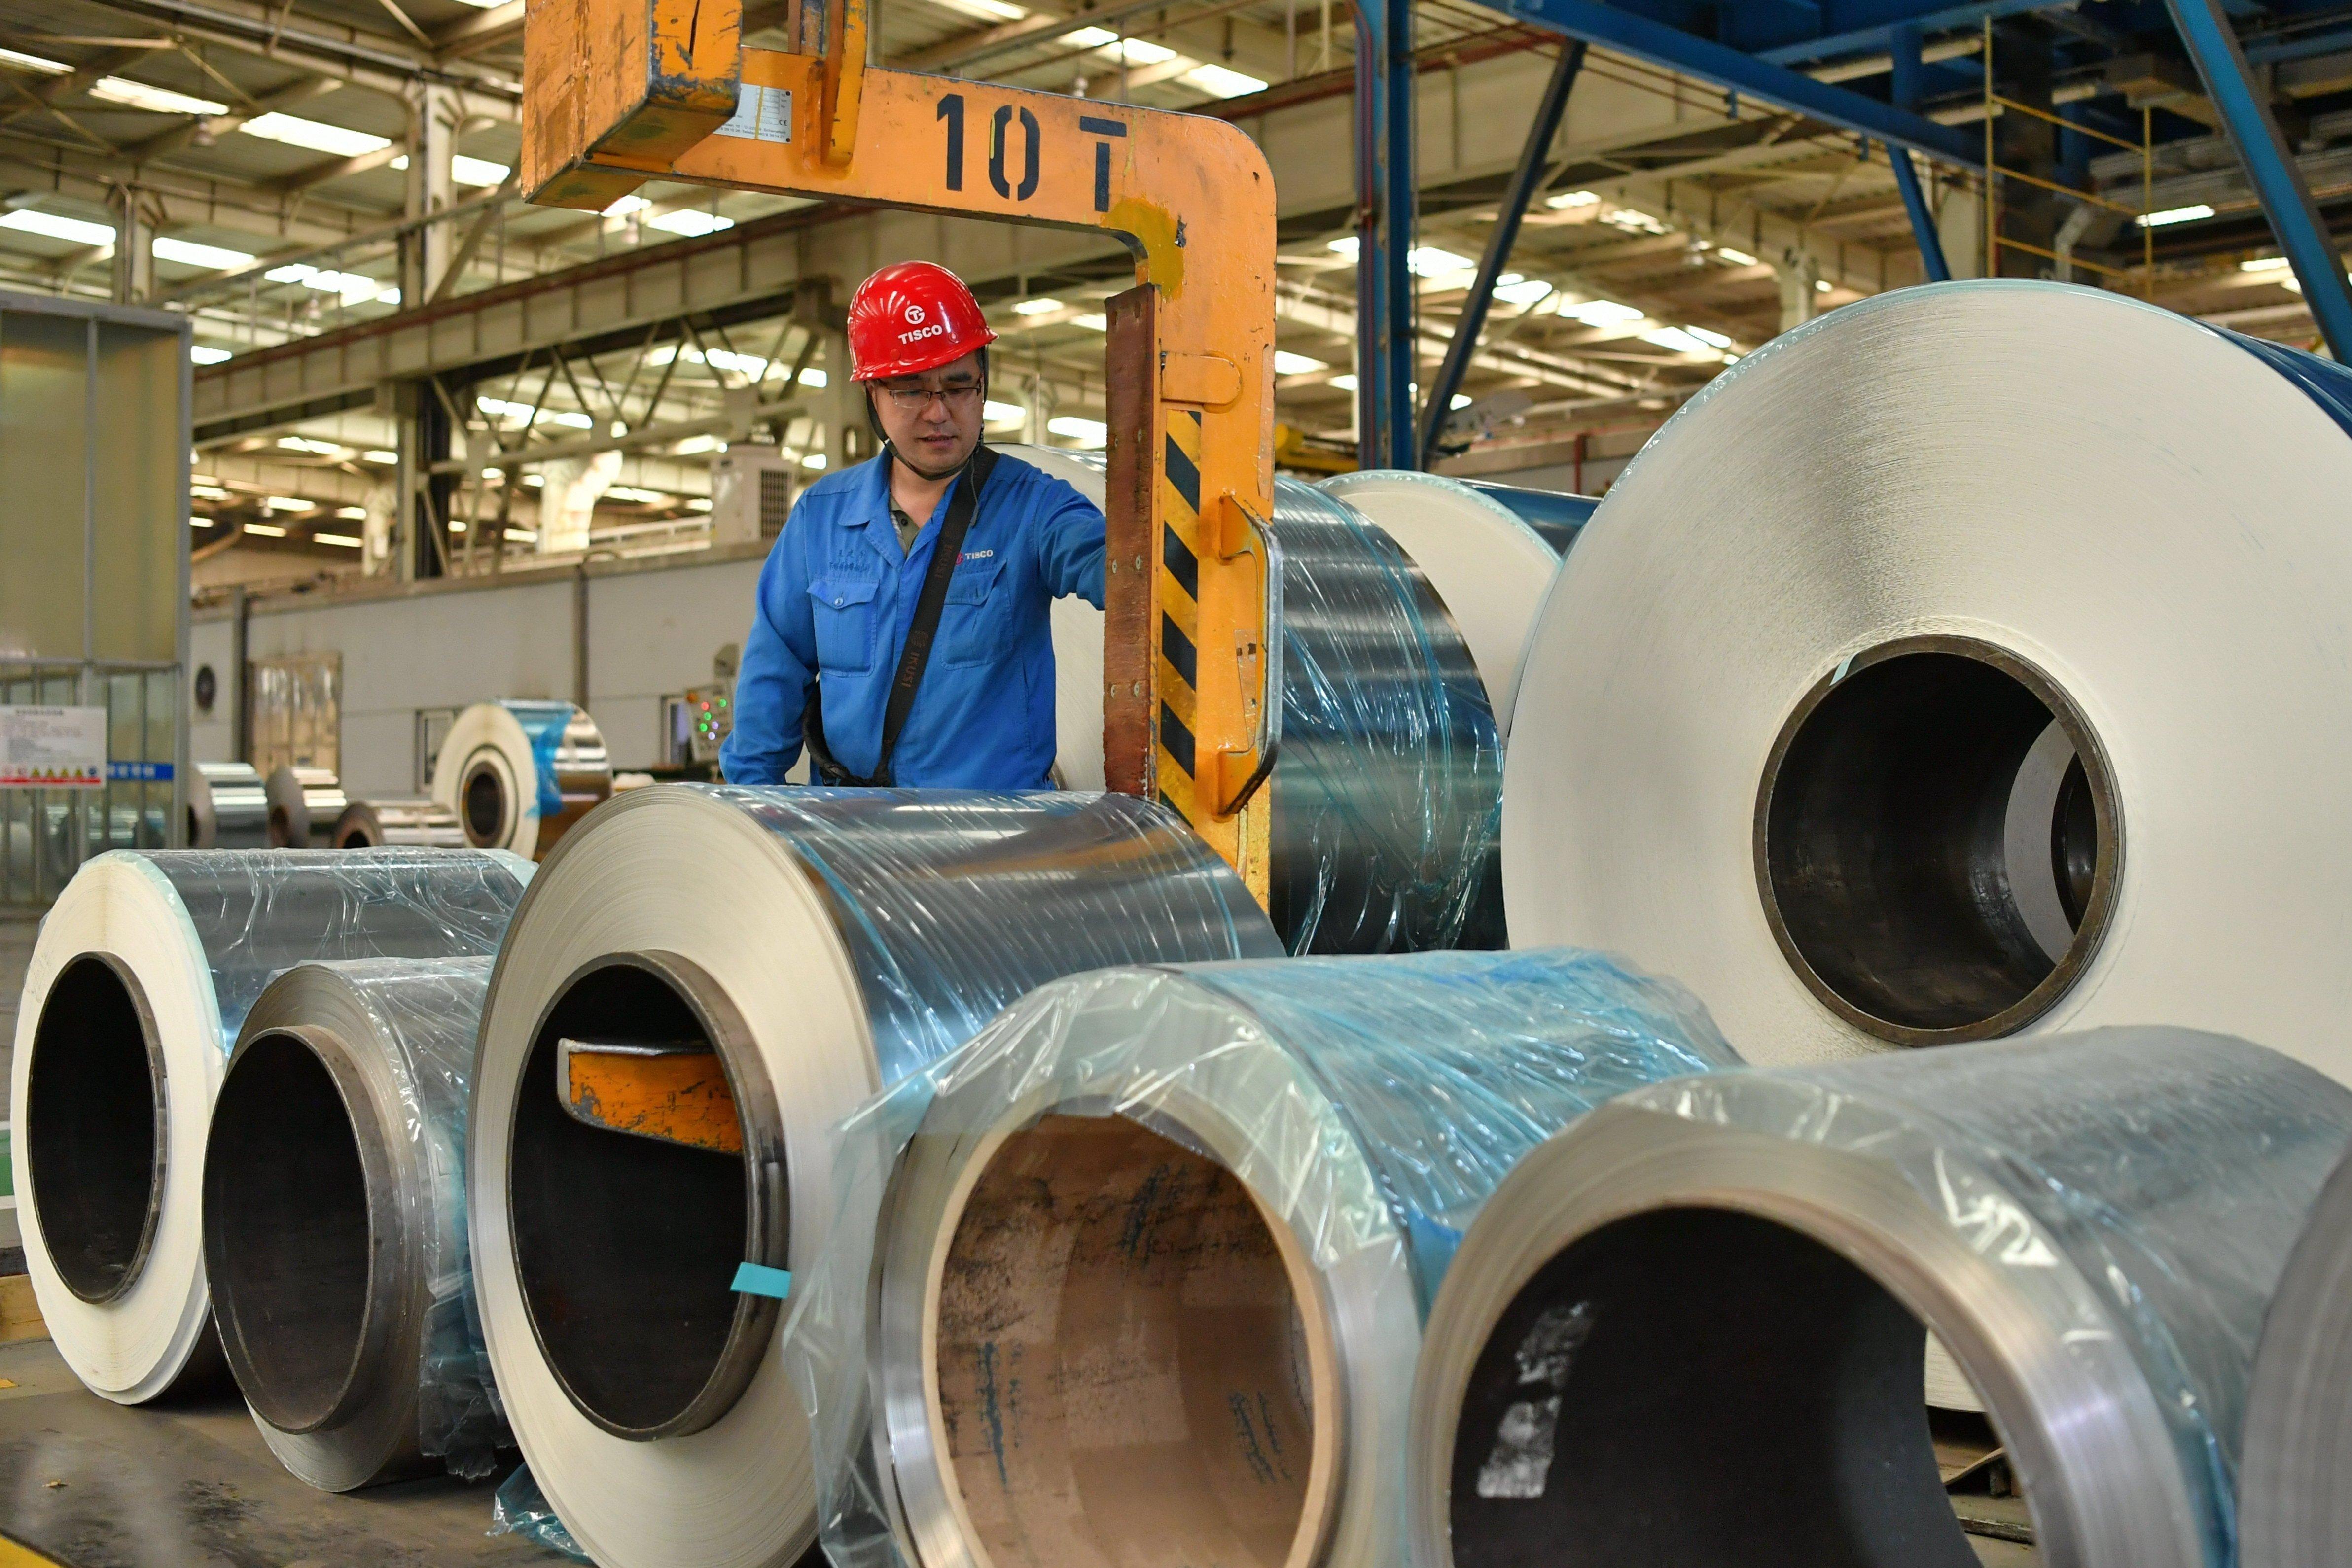 太鋼集團員工在操控超薄帶狀不銹鋼的移動設備(5月24日攝)。新華社記者 曹陽 攝.JPG